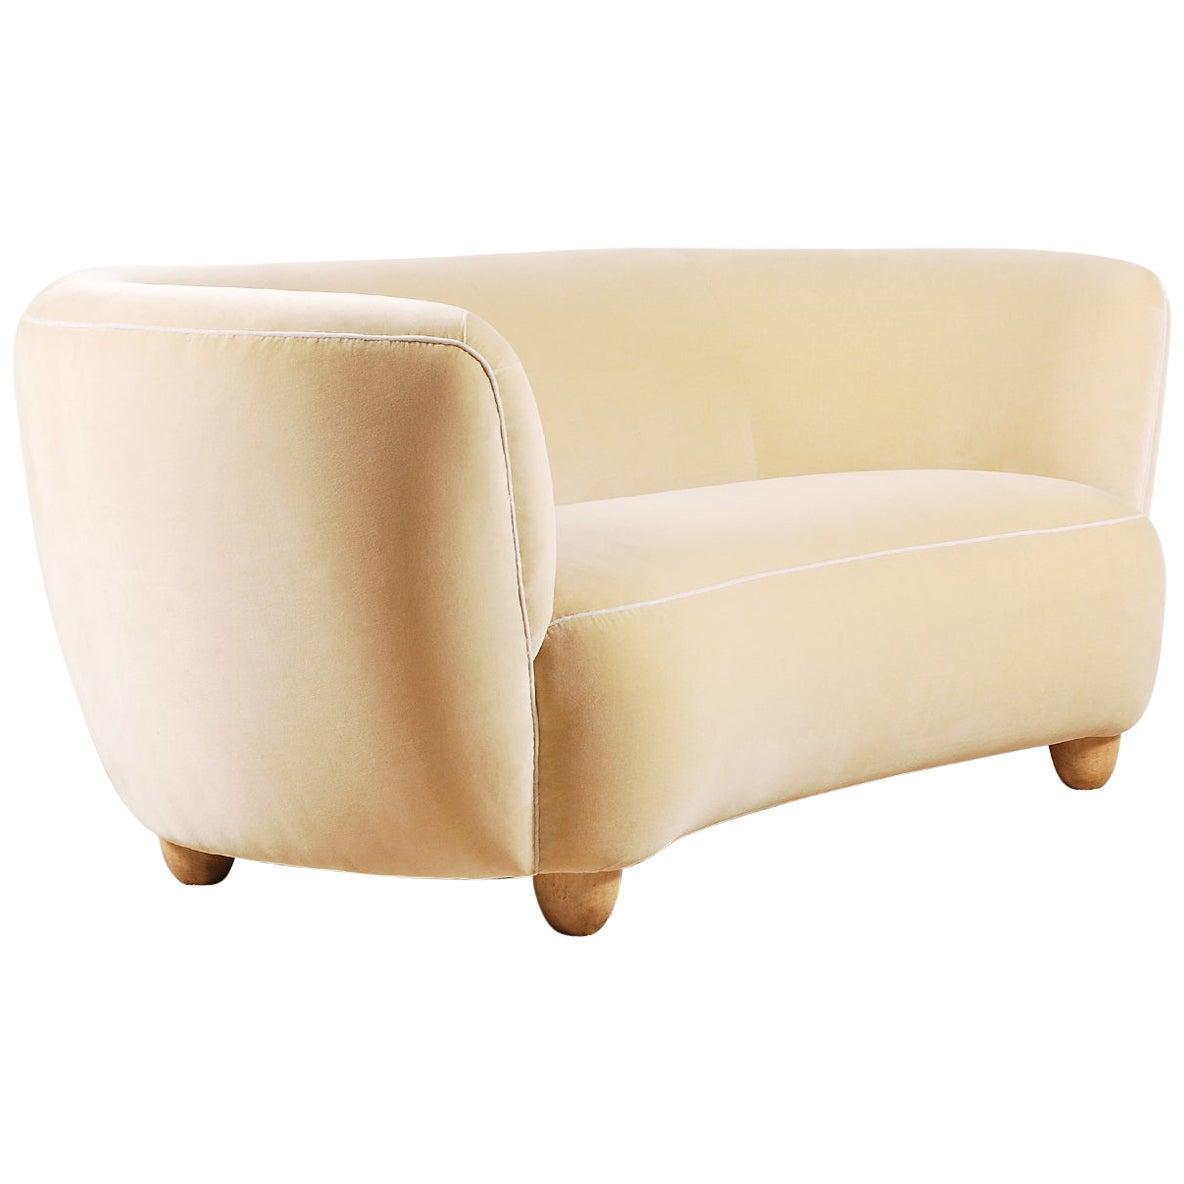 Elegant Three-Seat Danish Curved Sofa, 1940s, New Velvet Upholstery